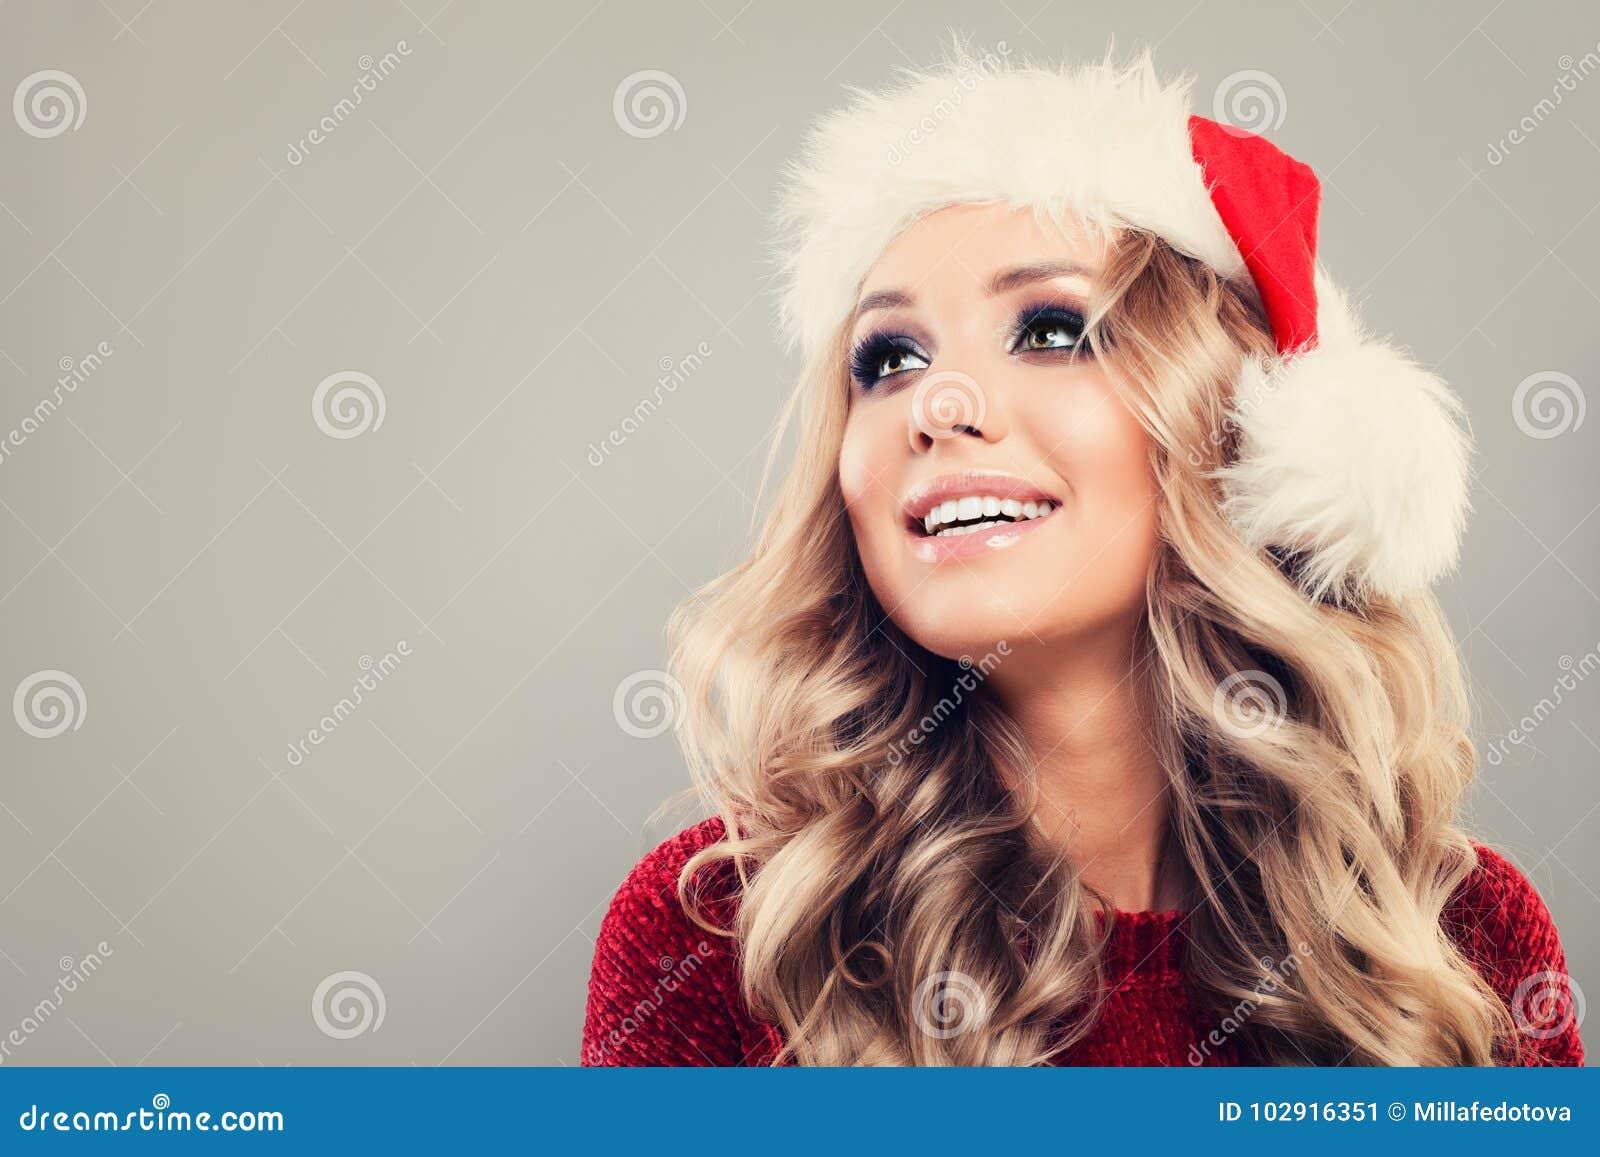 La Navidad Woman Looking Up modelo